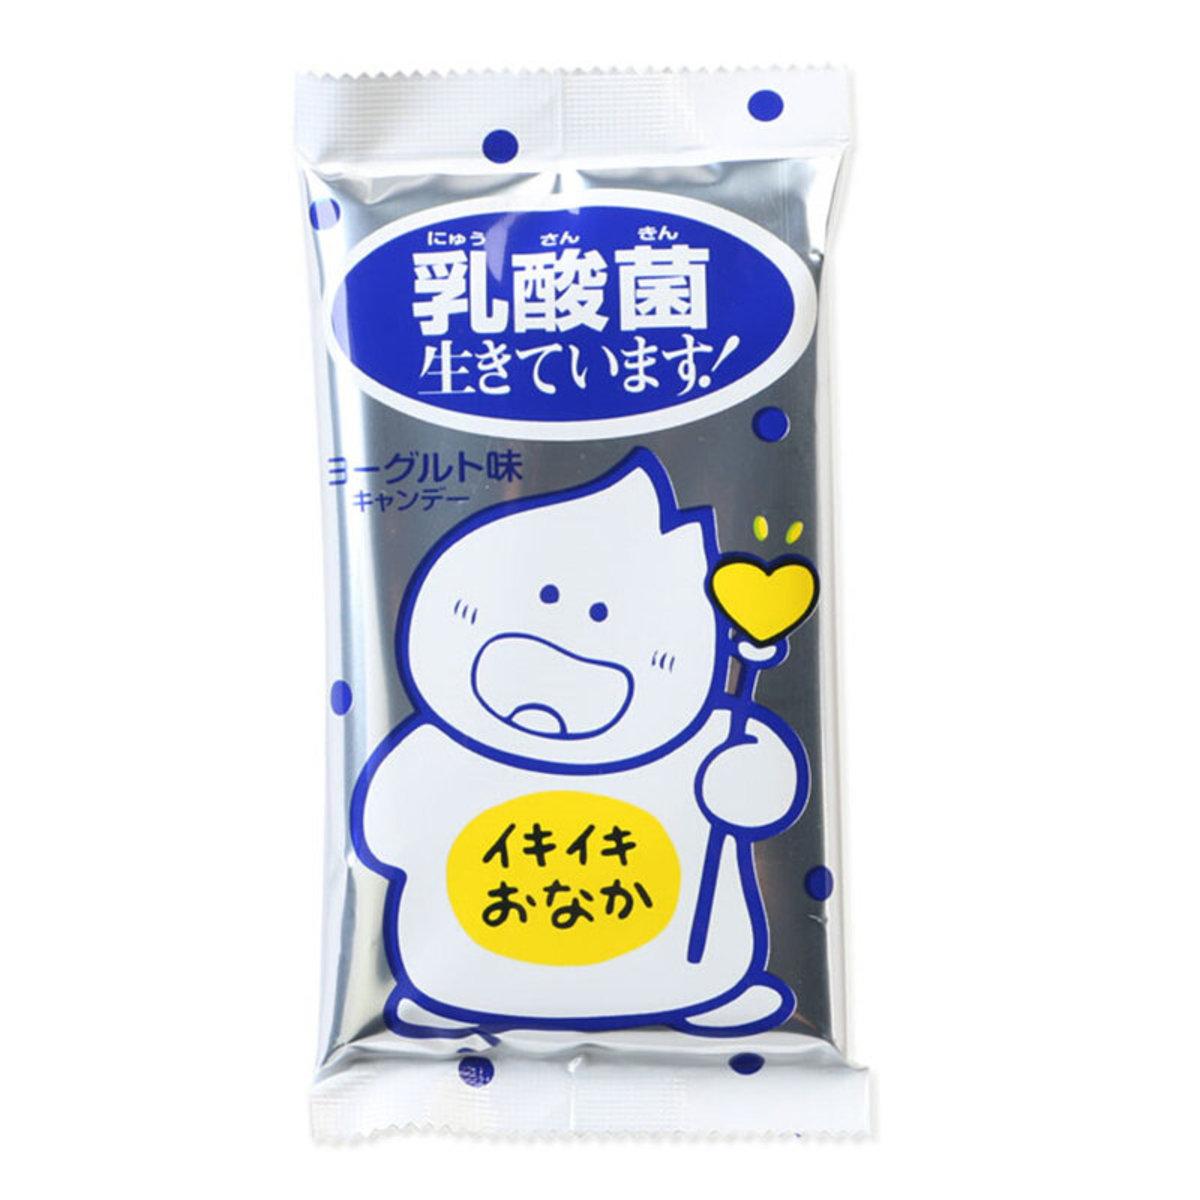 吉向八尾乳酸菌波仔糖原味20g(平行進口)